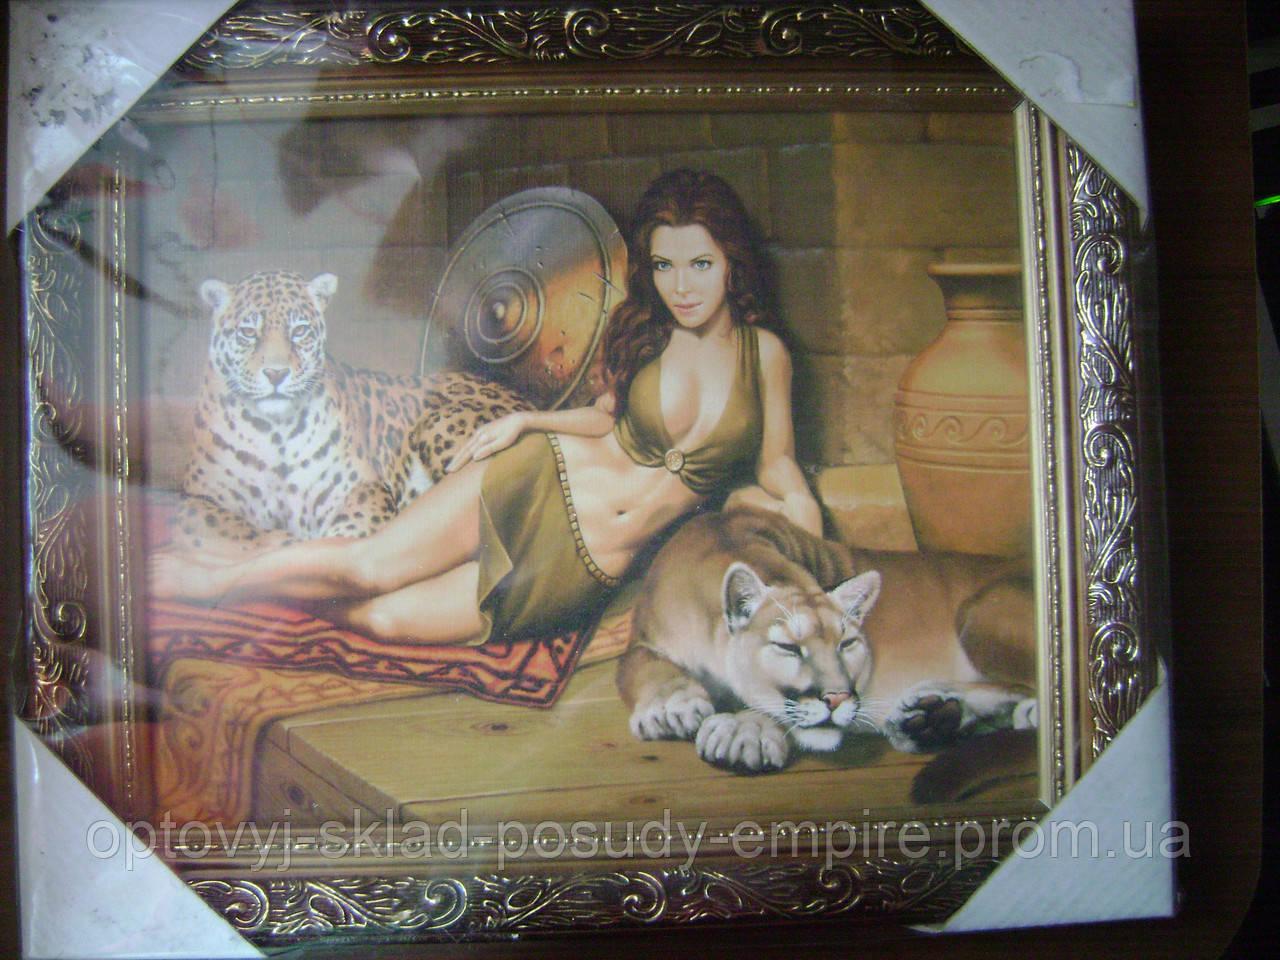 Картина 107466 Девушка с леопардом